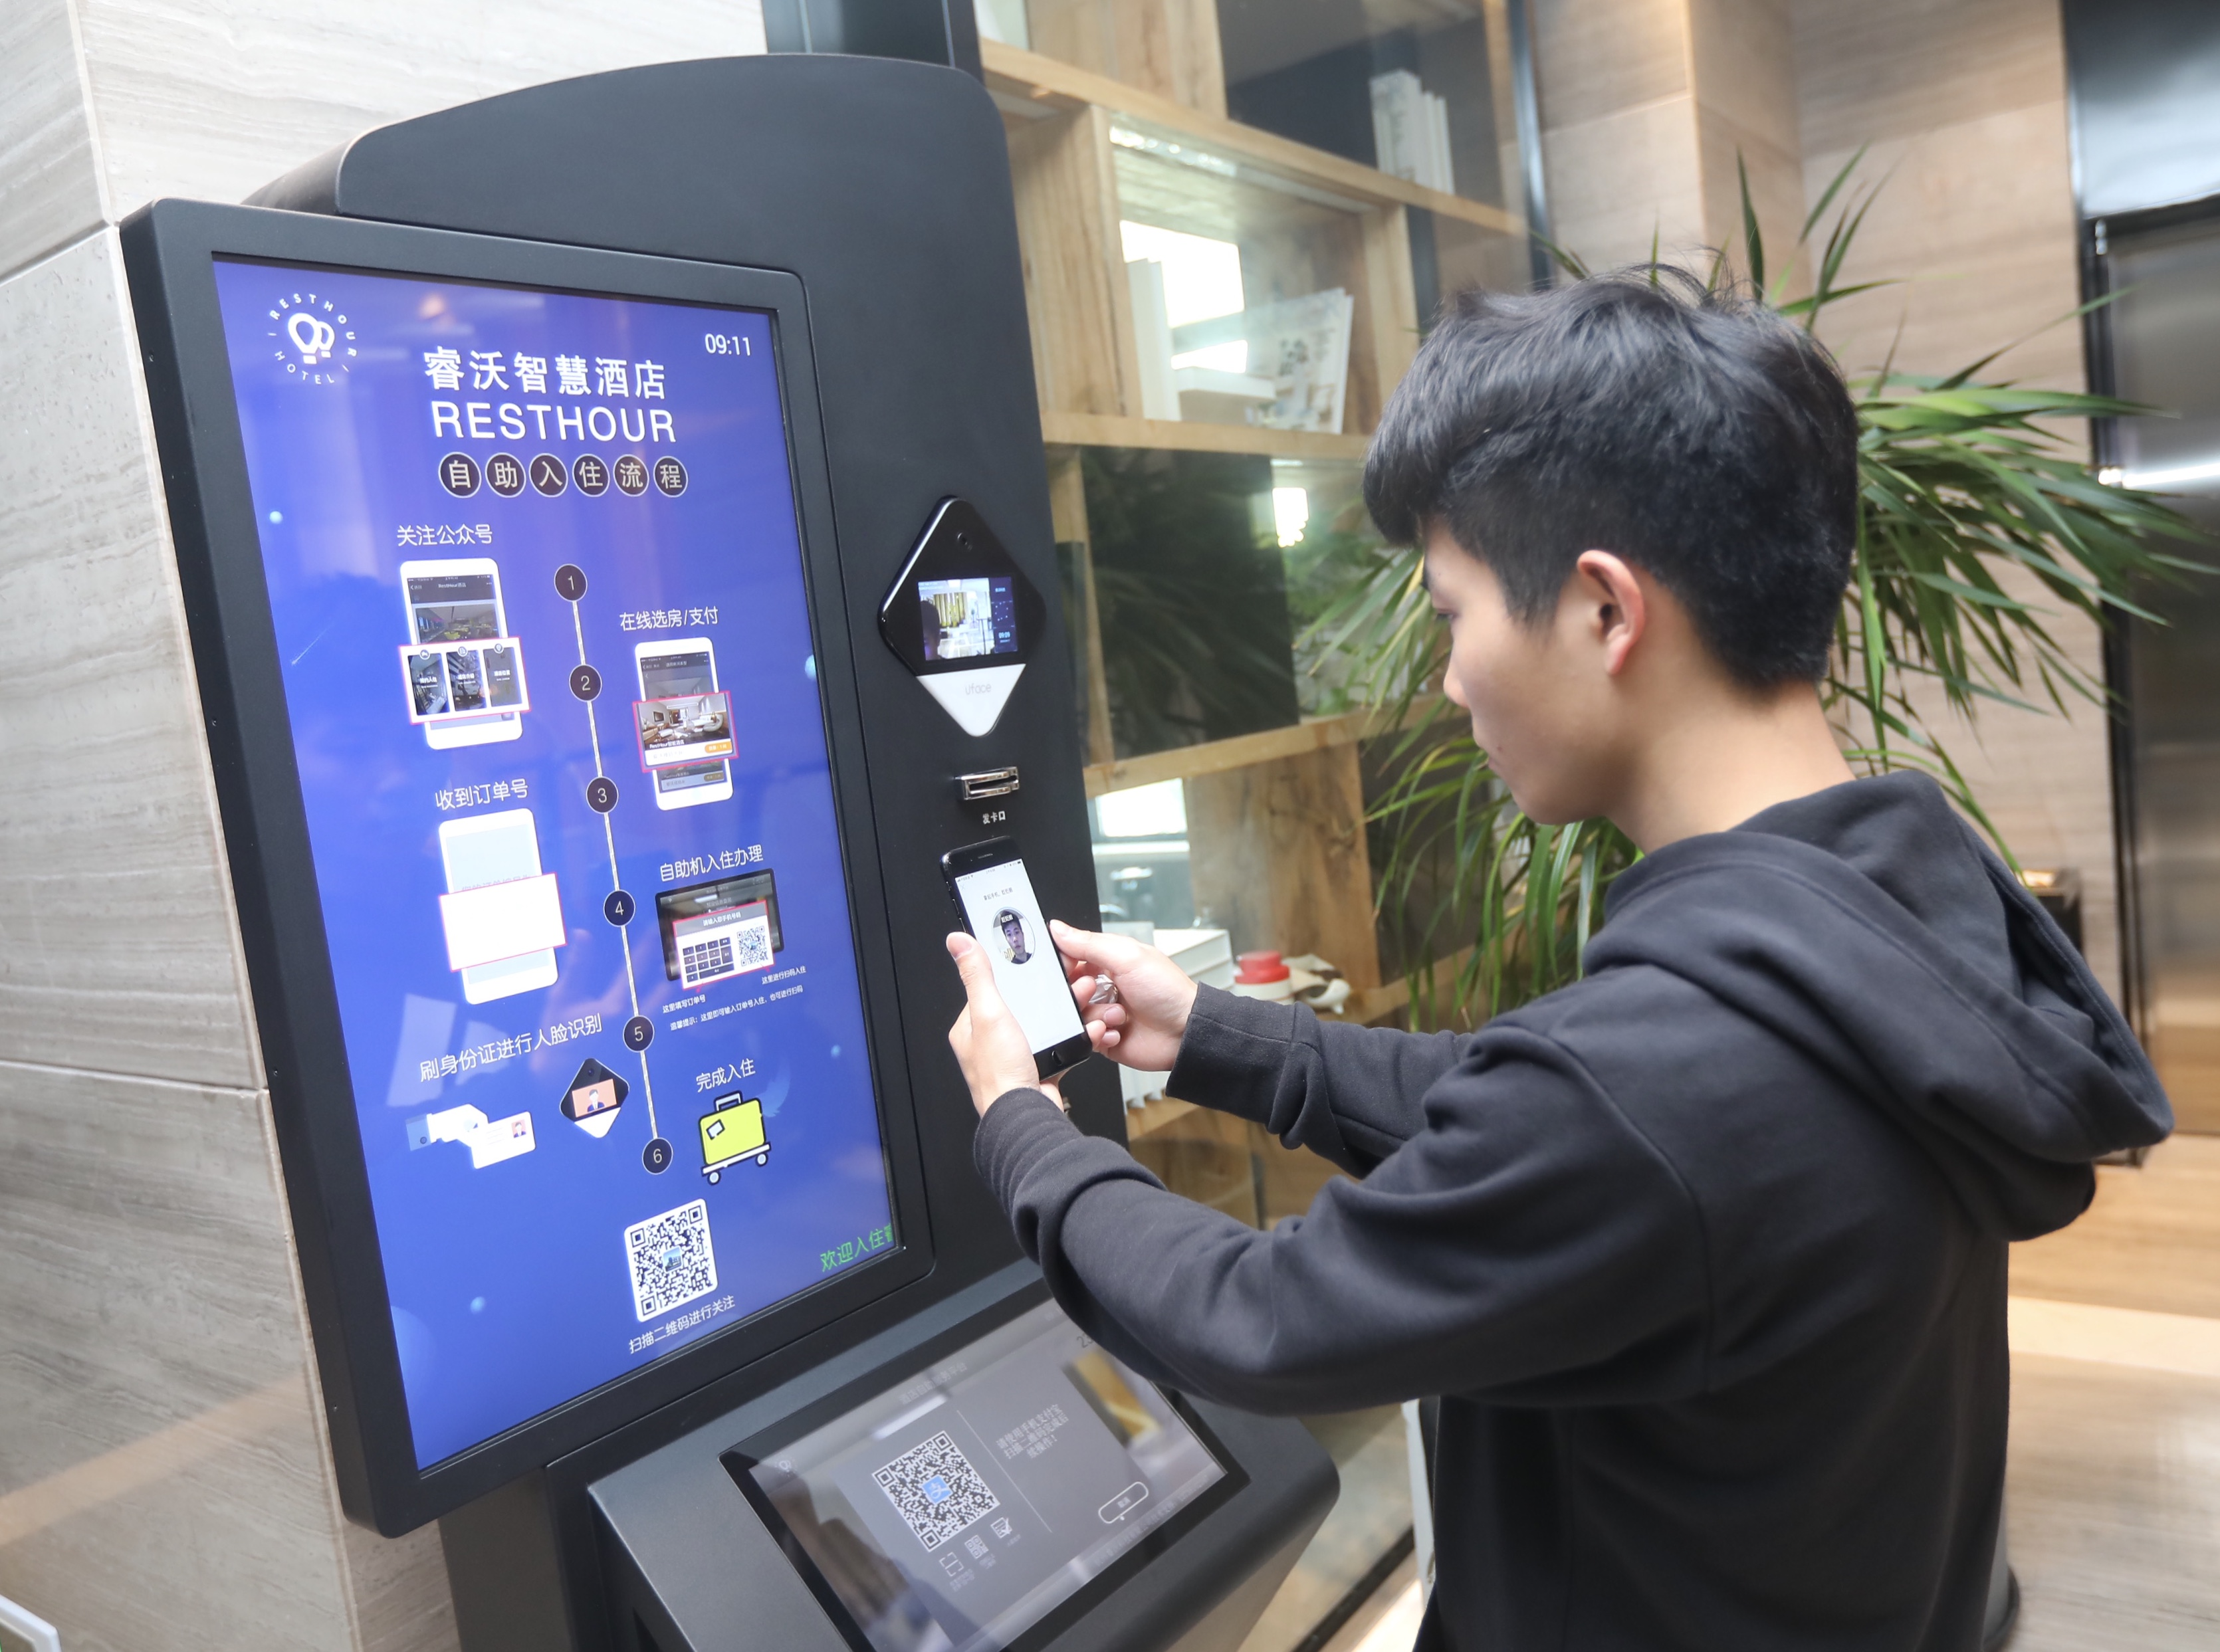 电子身份证试点 未来老百姓遇到这些麻烦有解决办法了